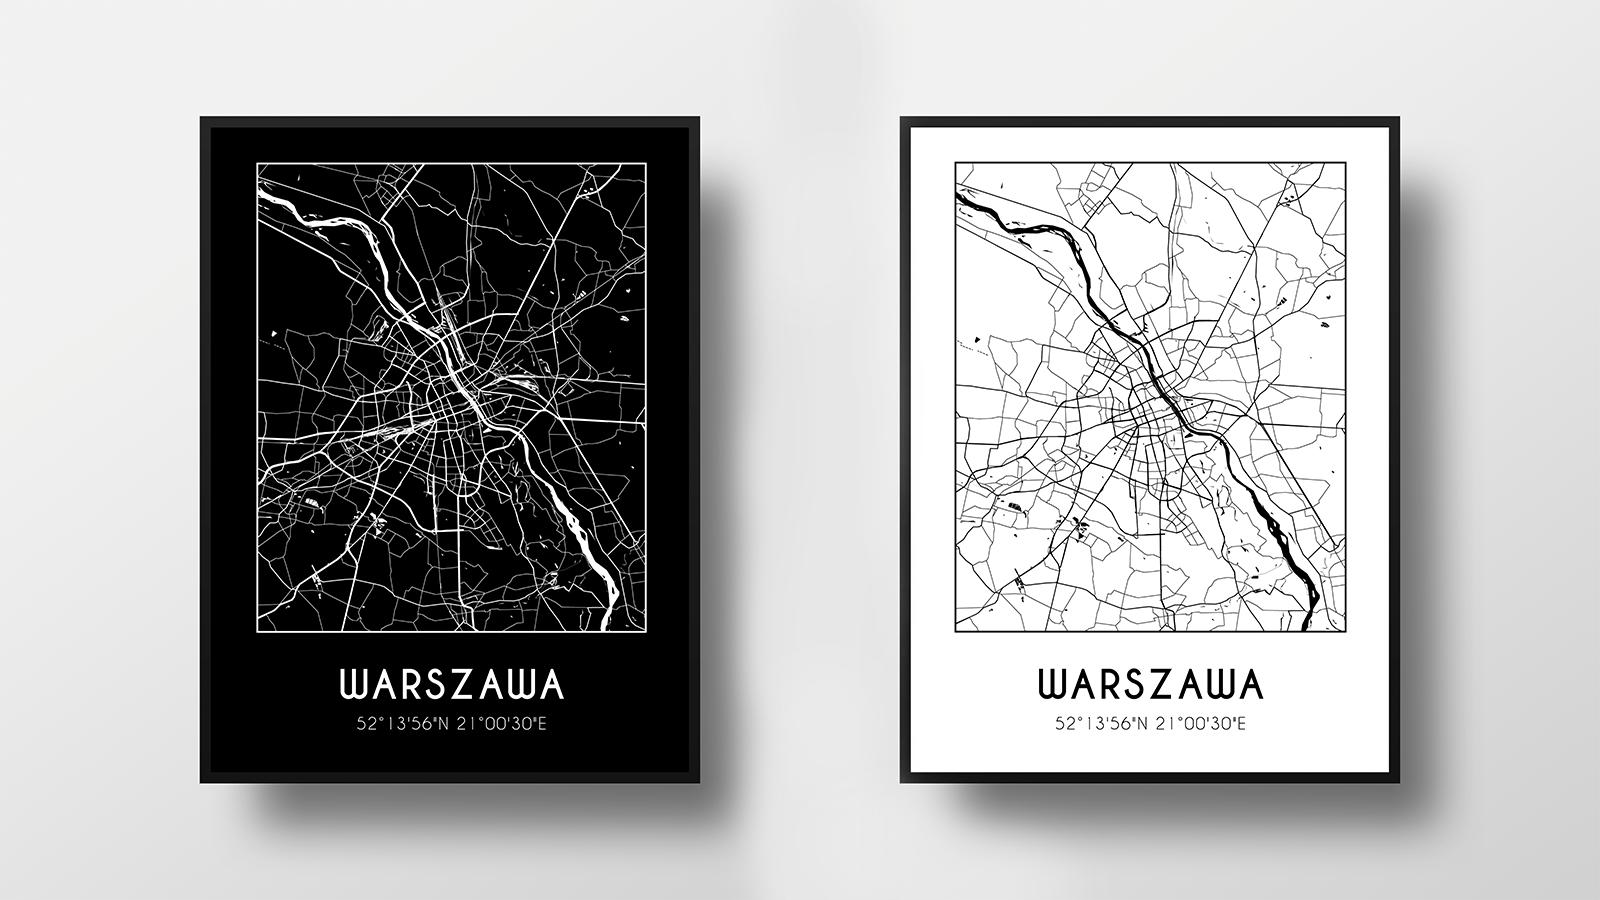 Darmowe Plakaty Z Mapami Miast Do Pobrania Polska Blog Wild